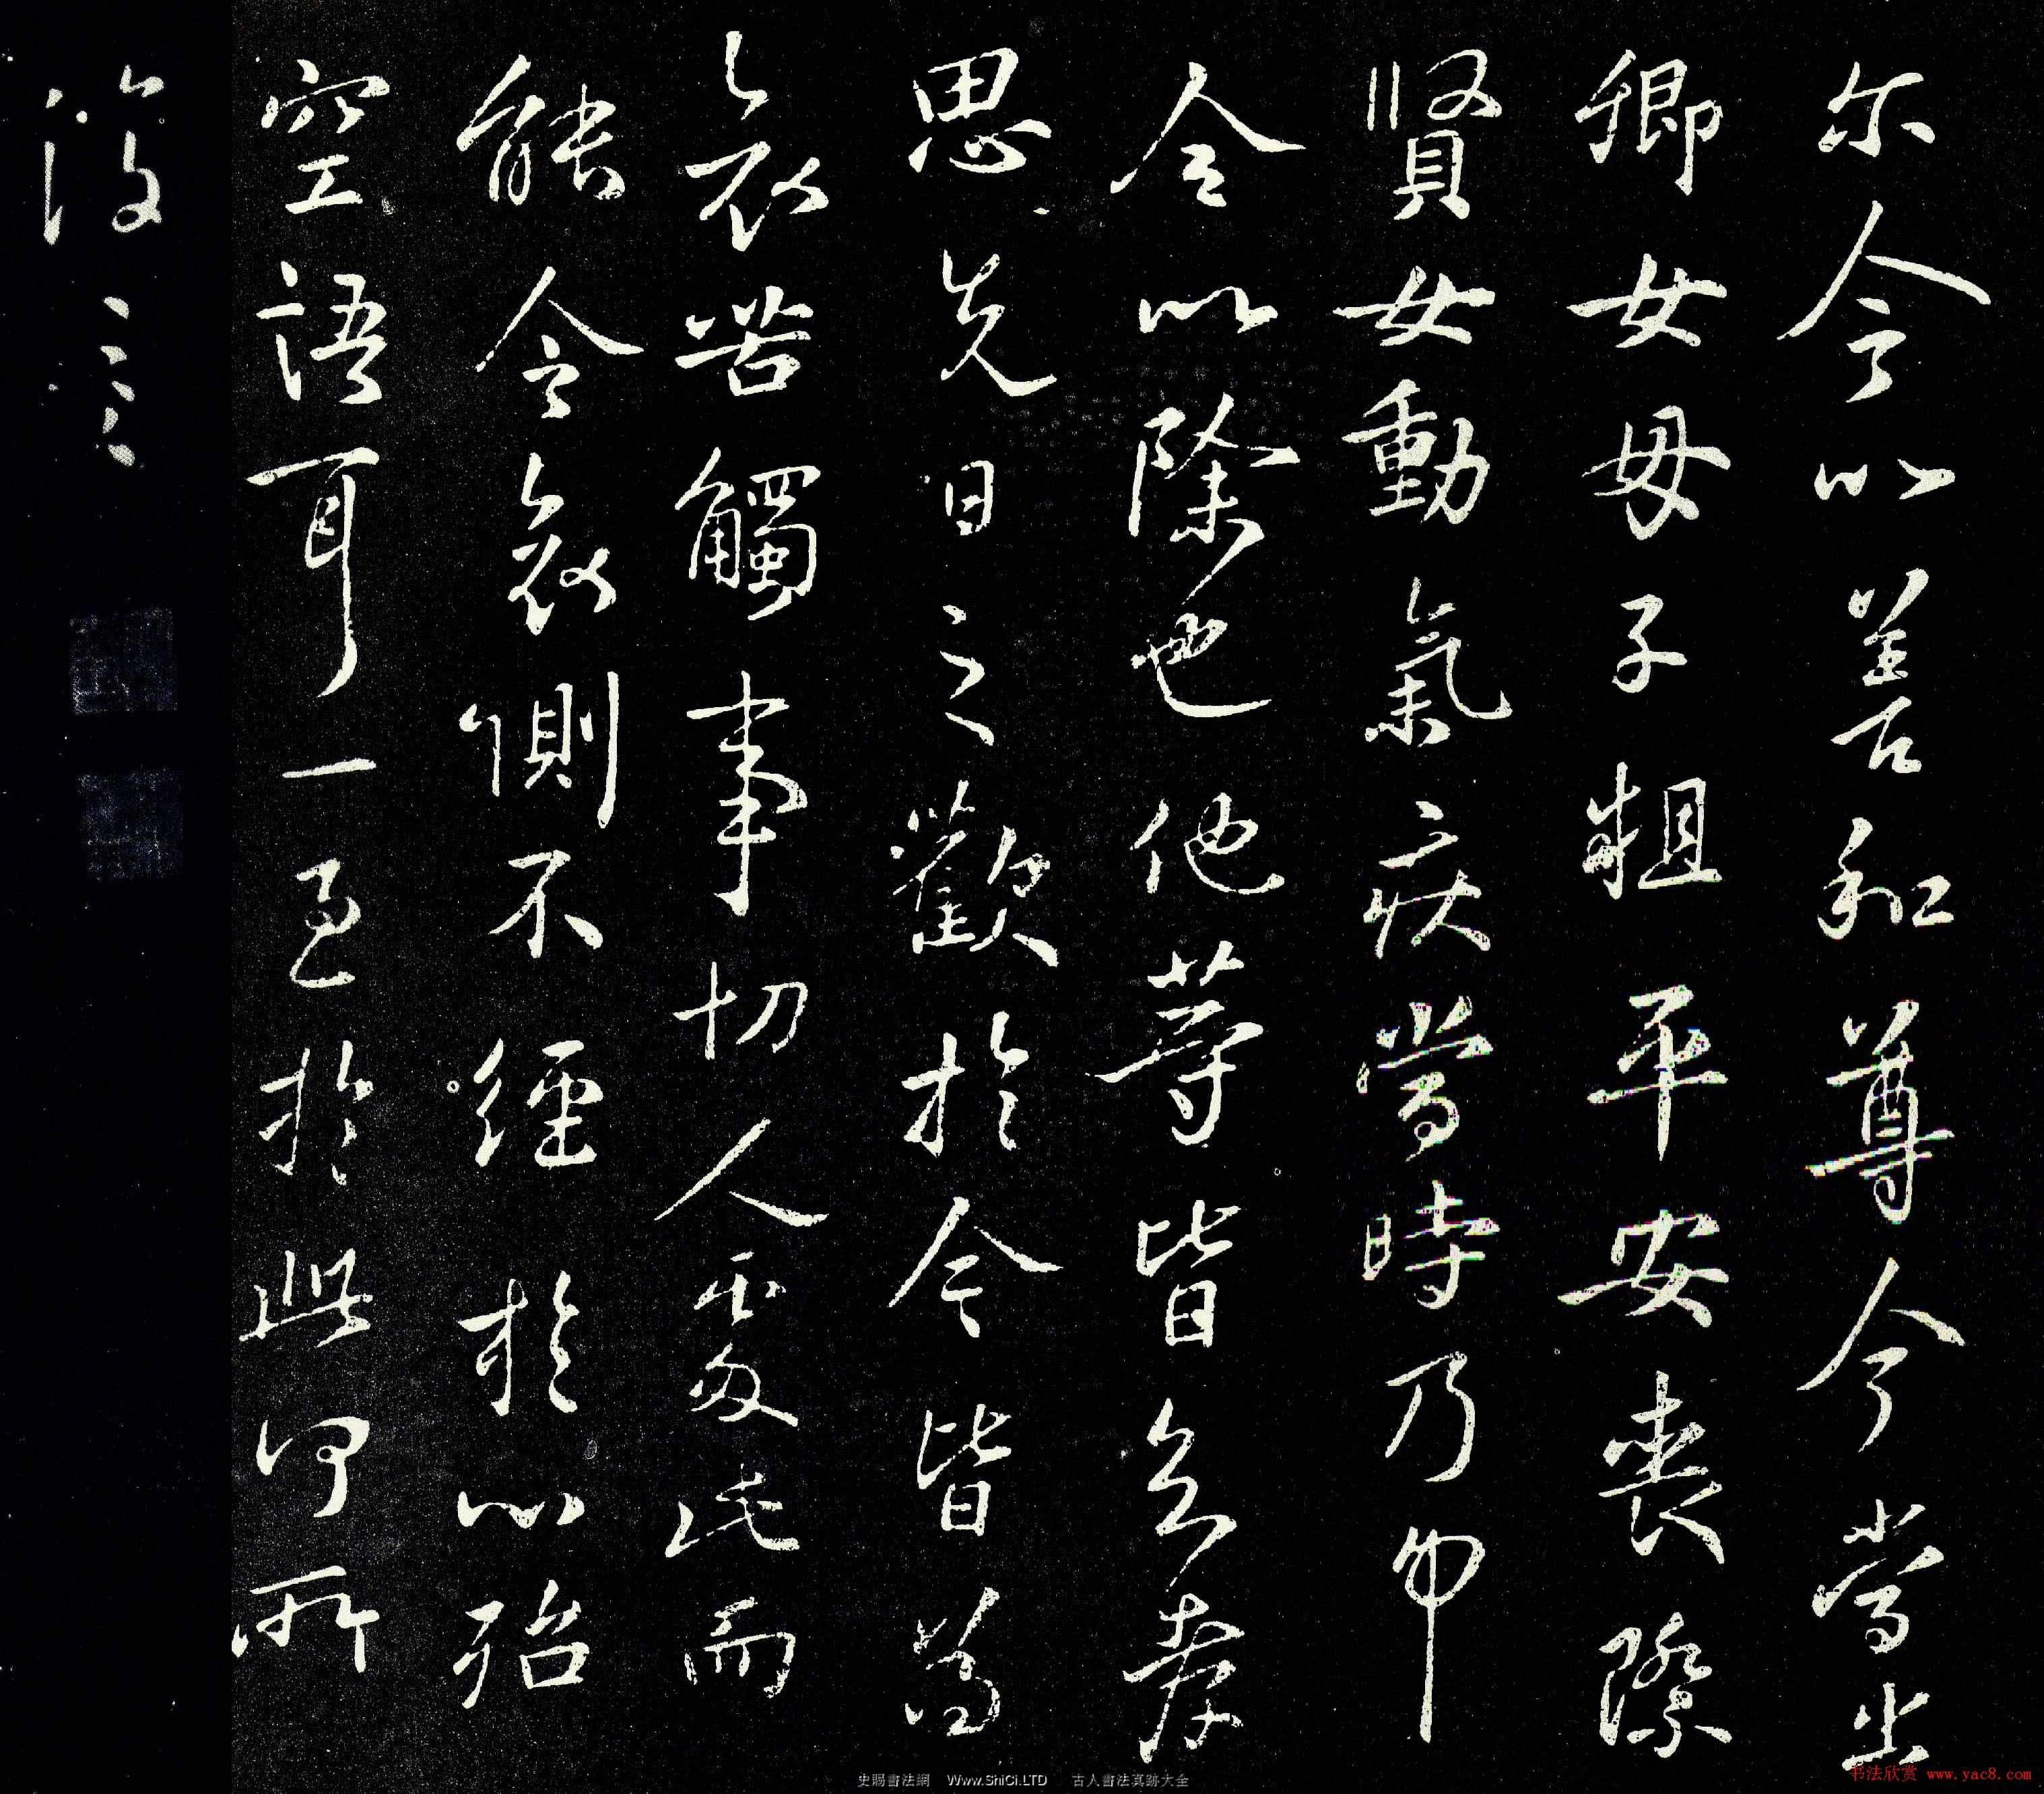 王羲之行書真跡欣賞《卿女帖》(共2張圖片)